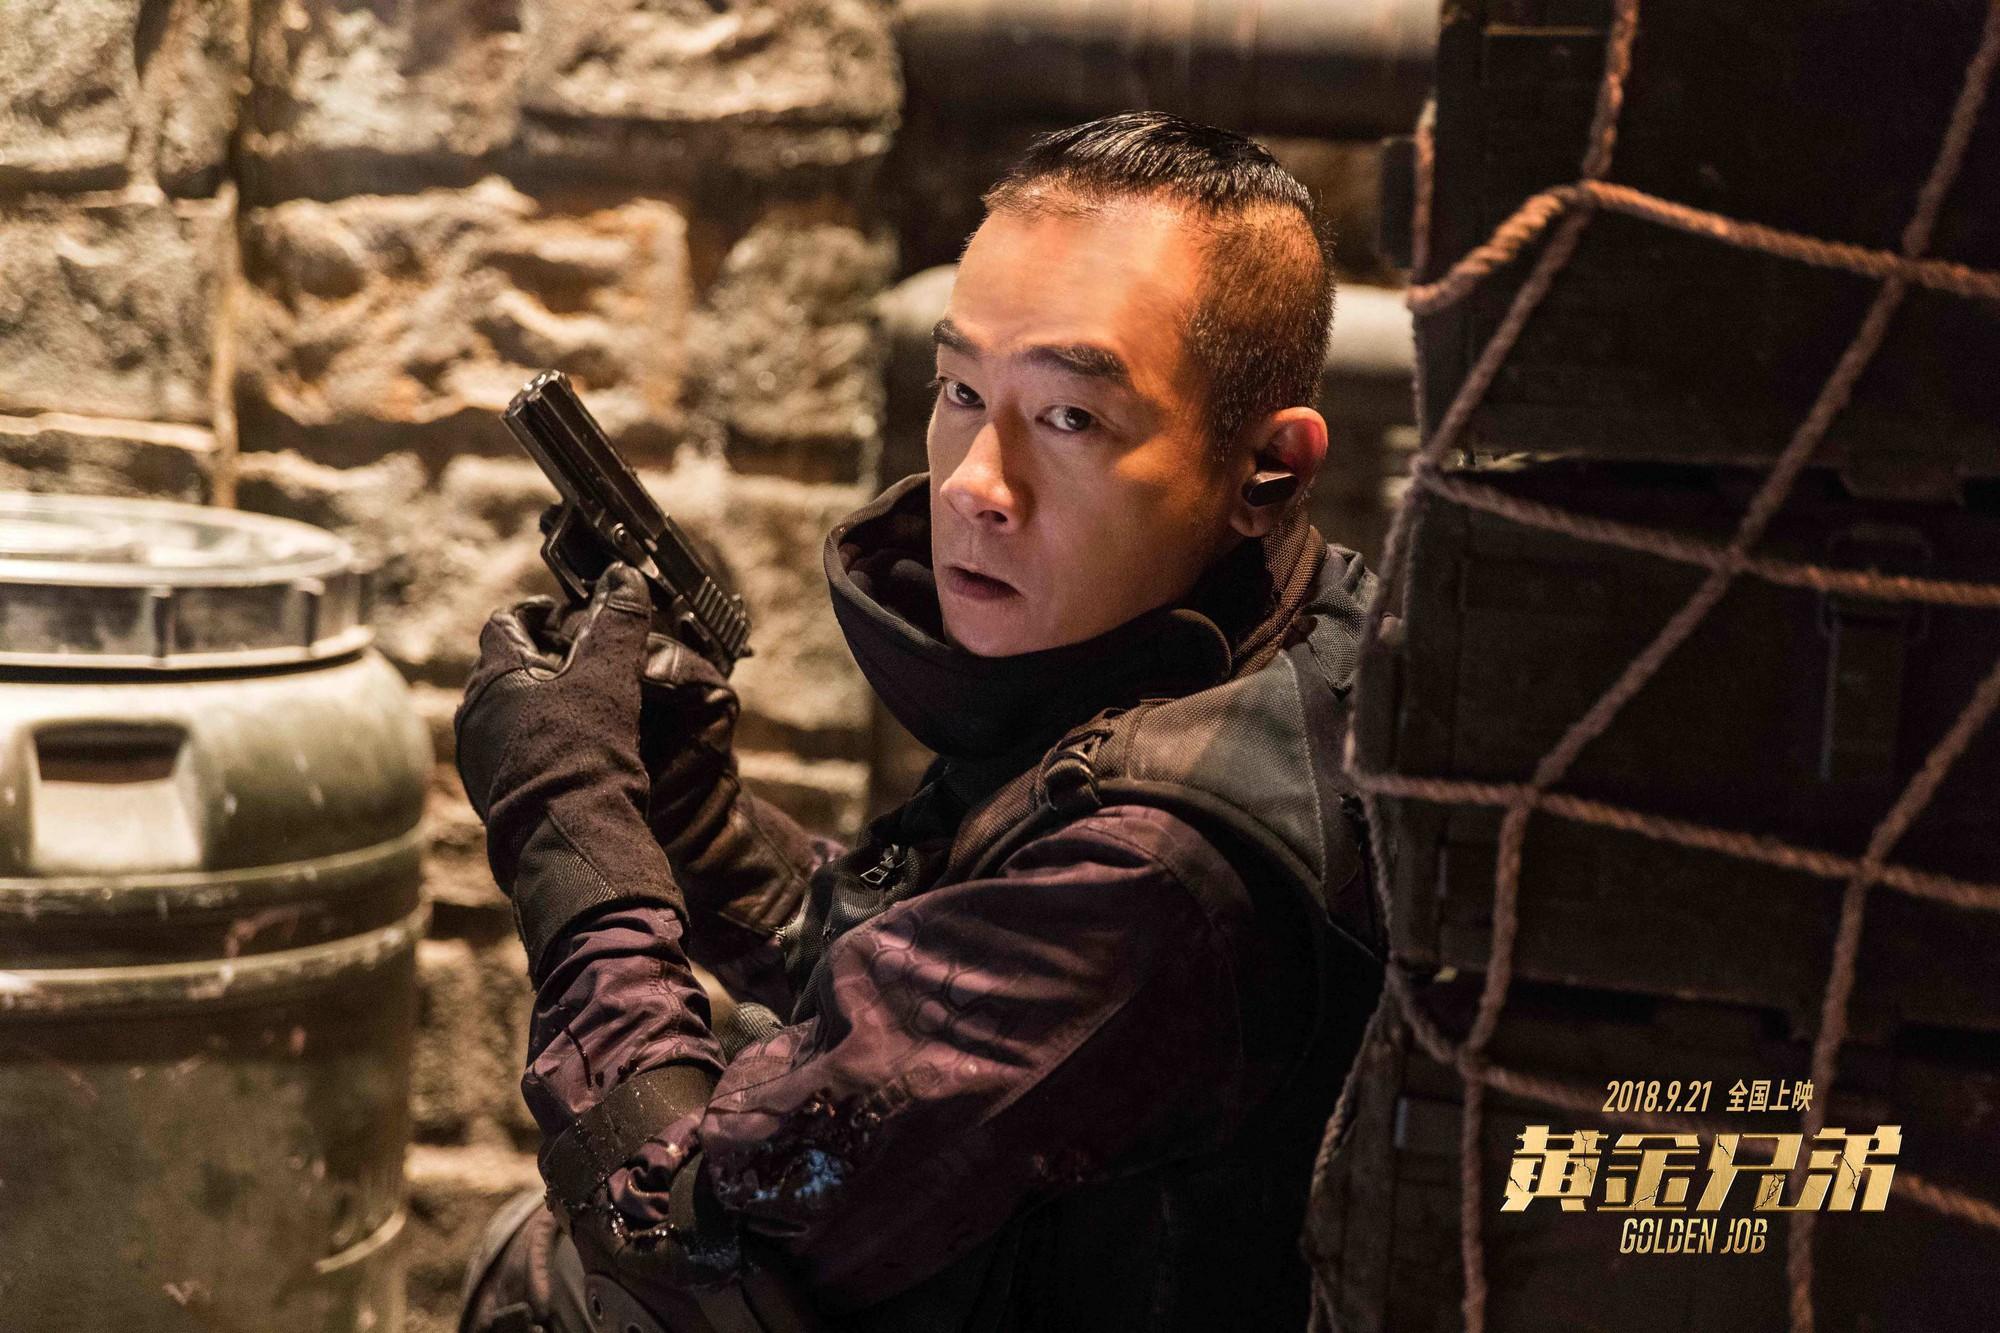 Điện ảnh Hoa ngữ tháng 9 gây choáng với sự đổ bộ của dàn sao TVB đình đám một thời - Ảnh 22.